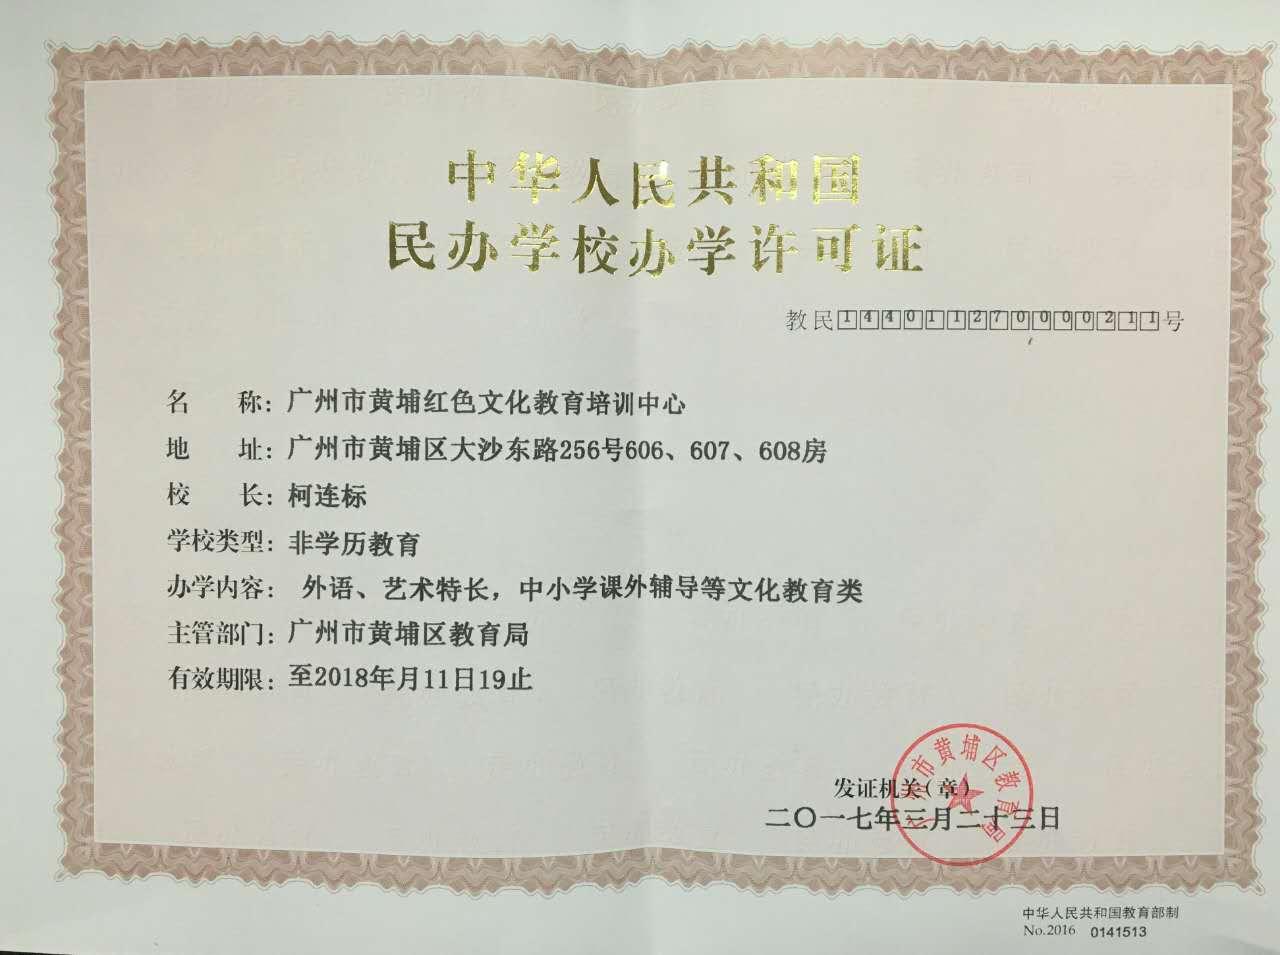 中心办学许可证(2017).jpg